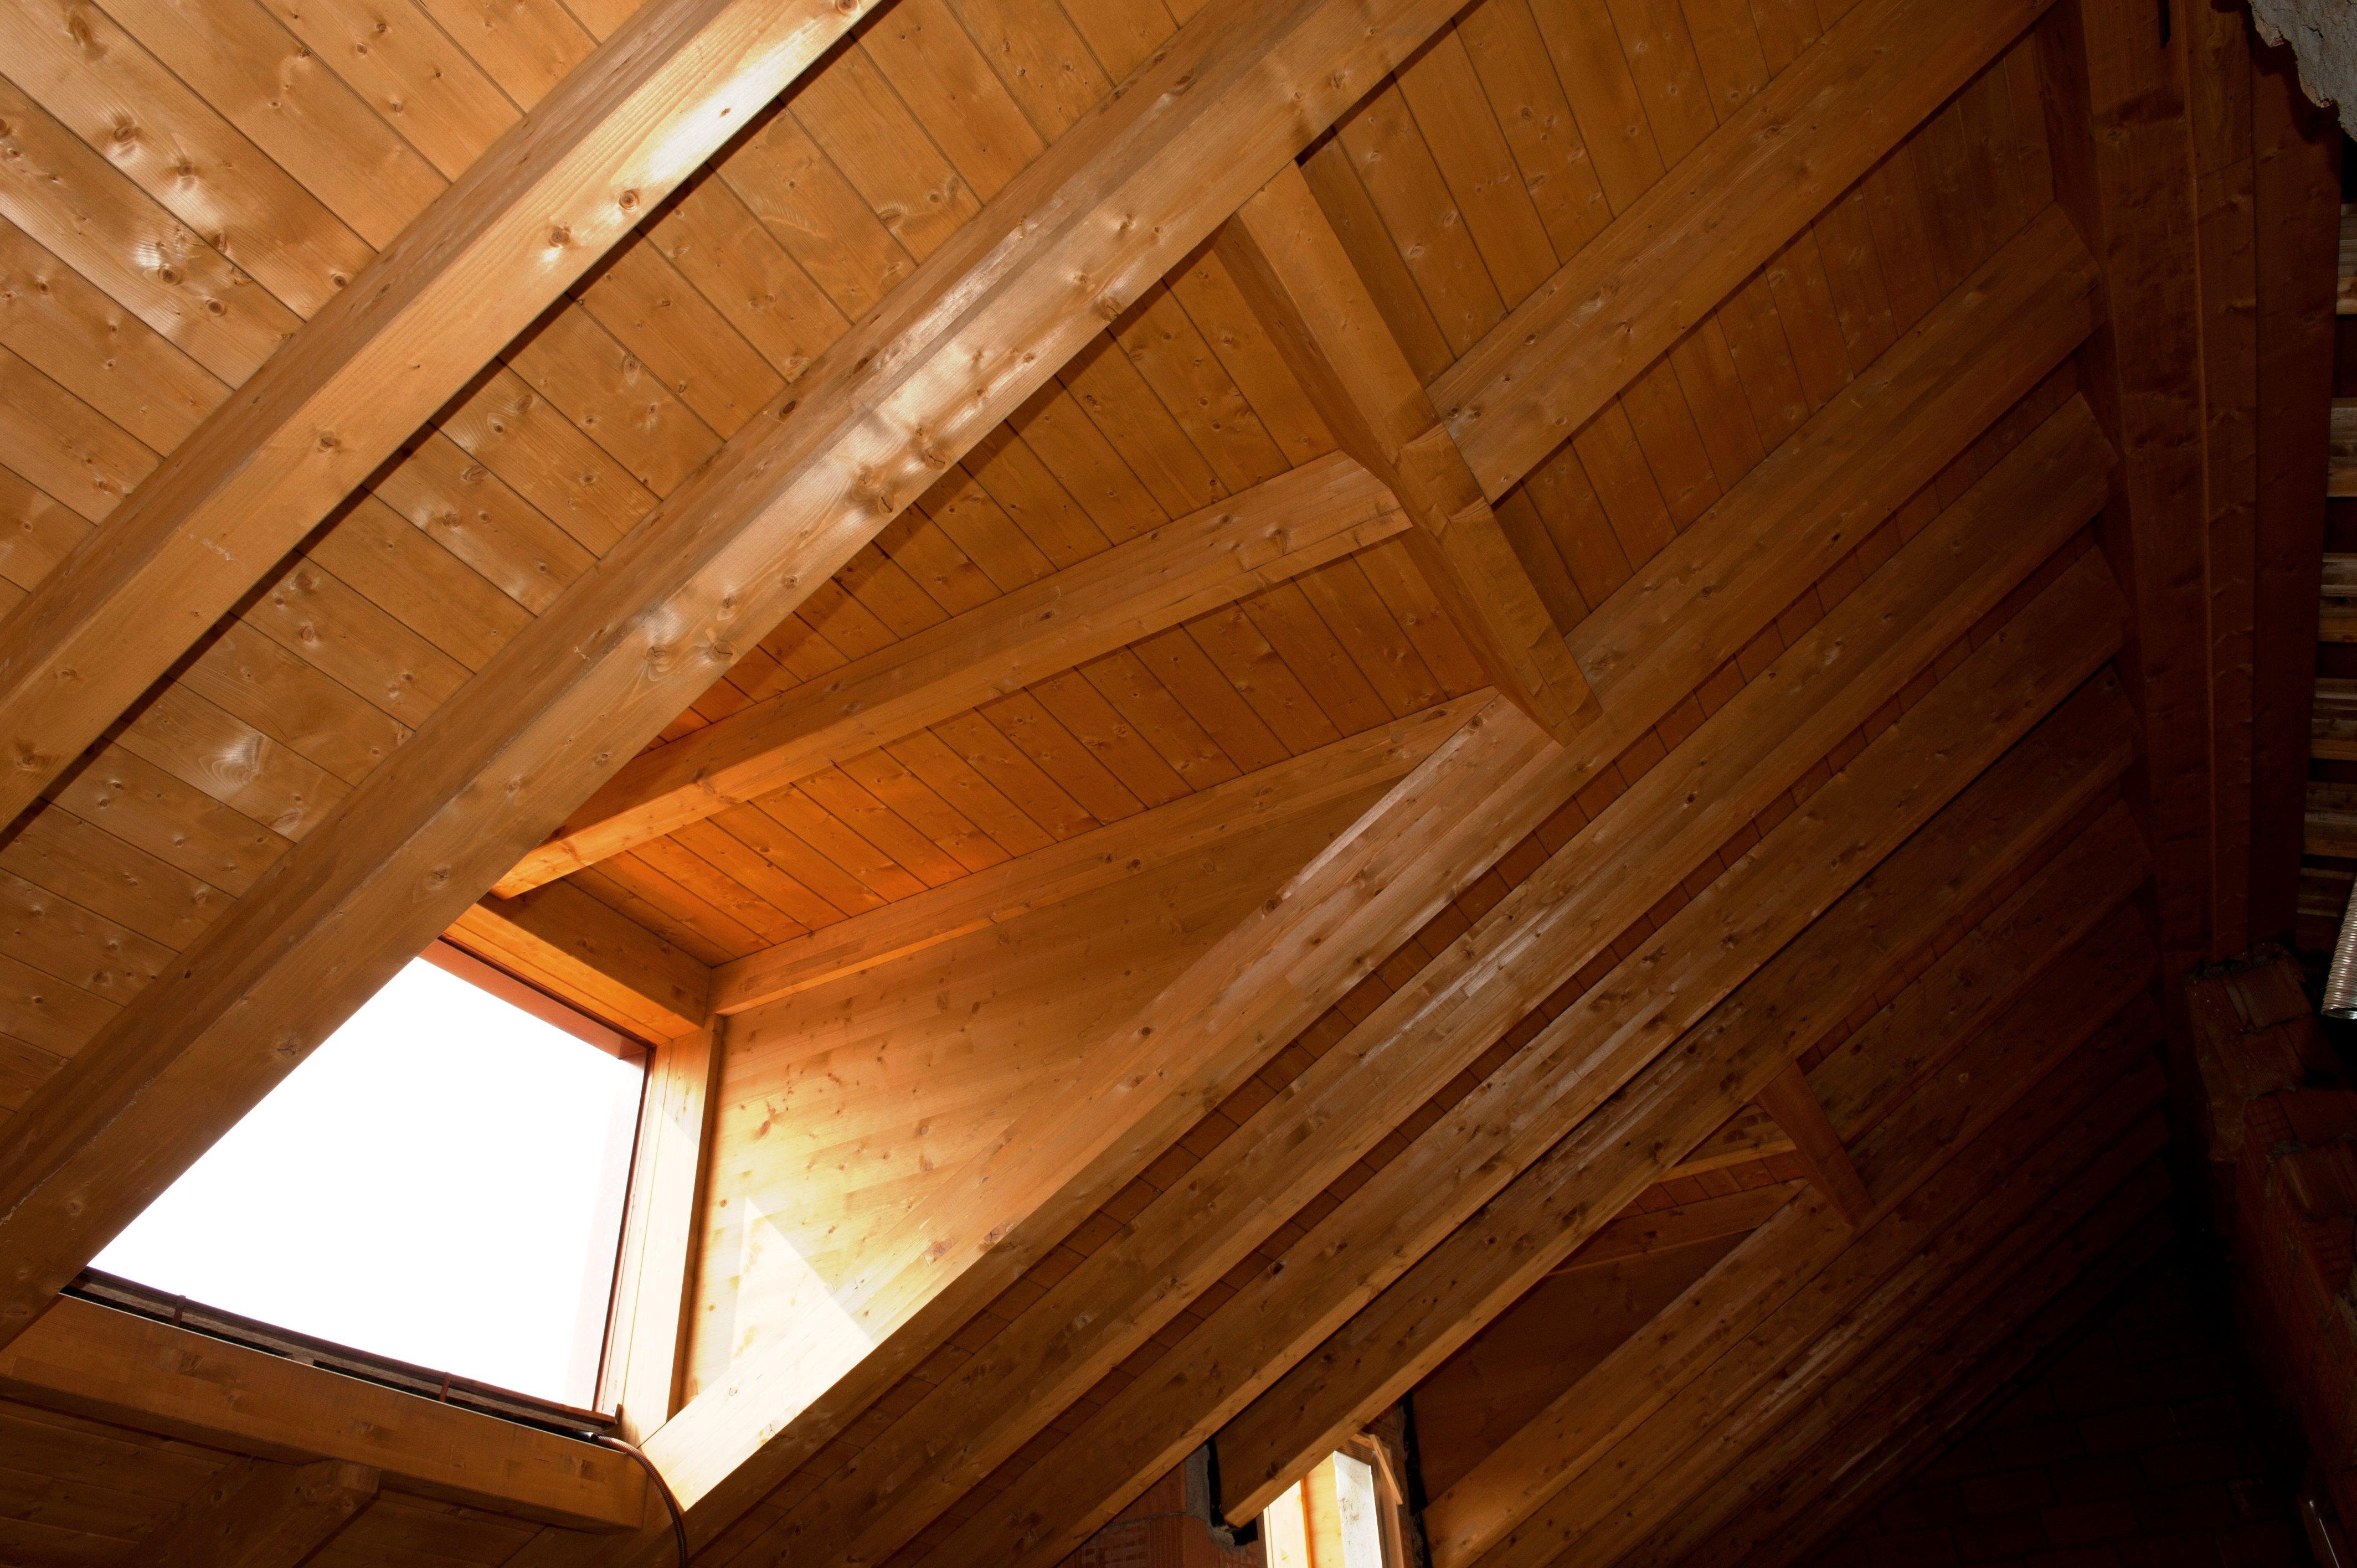 Sottotetto legno abbaino lamellare villasanta cereda for Sottotetto in legno